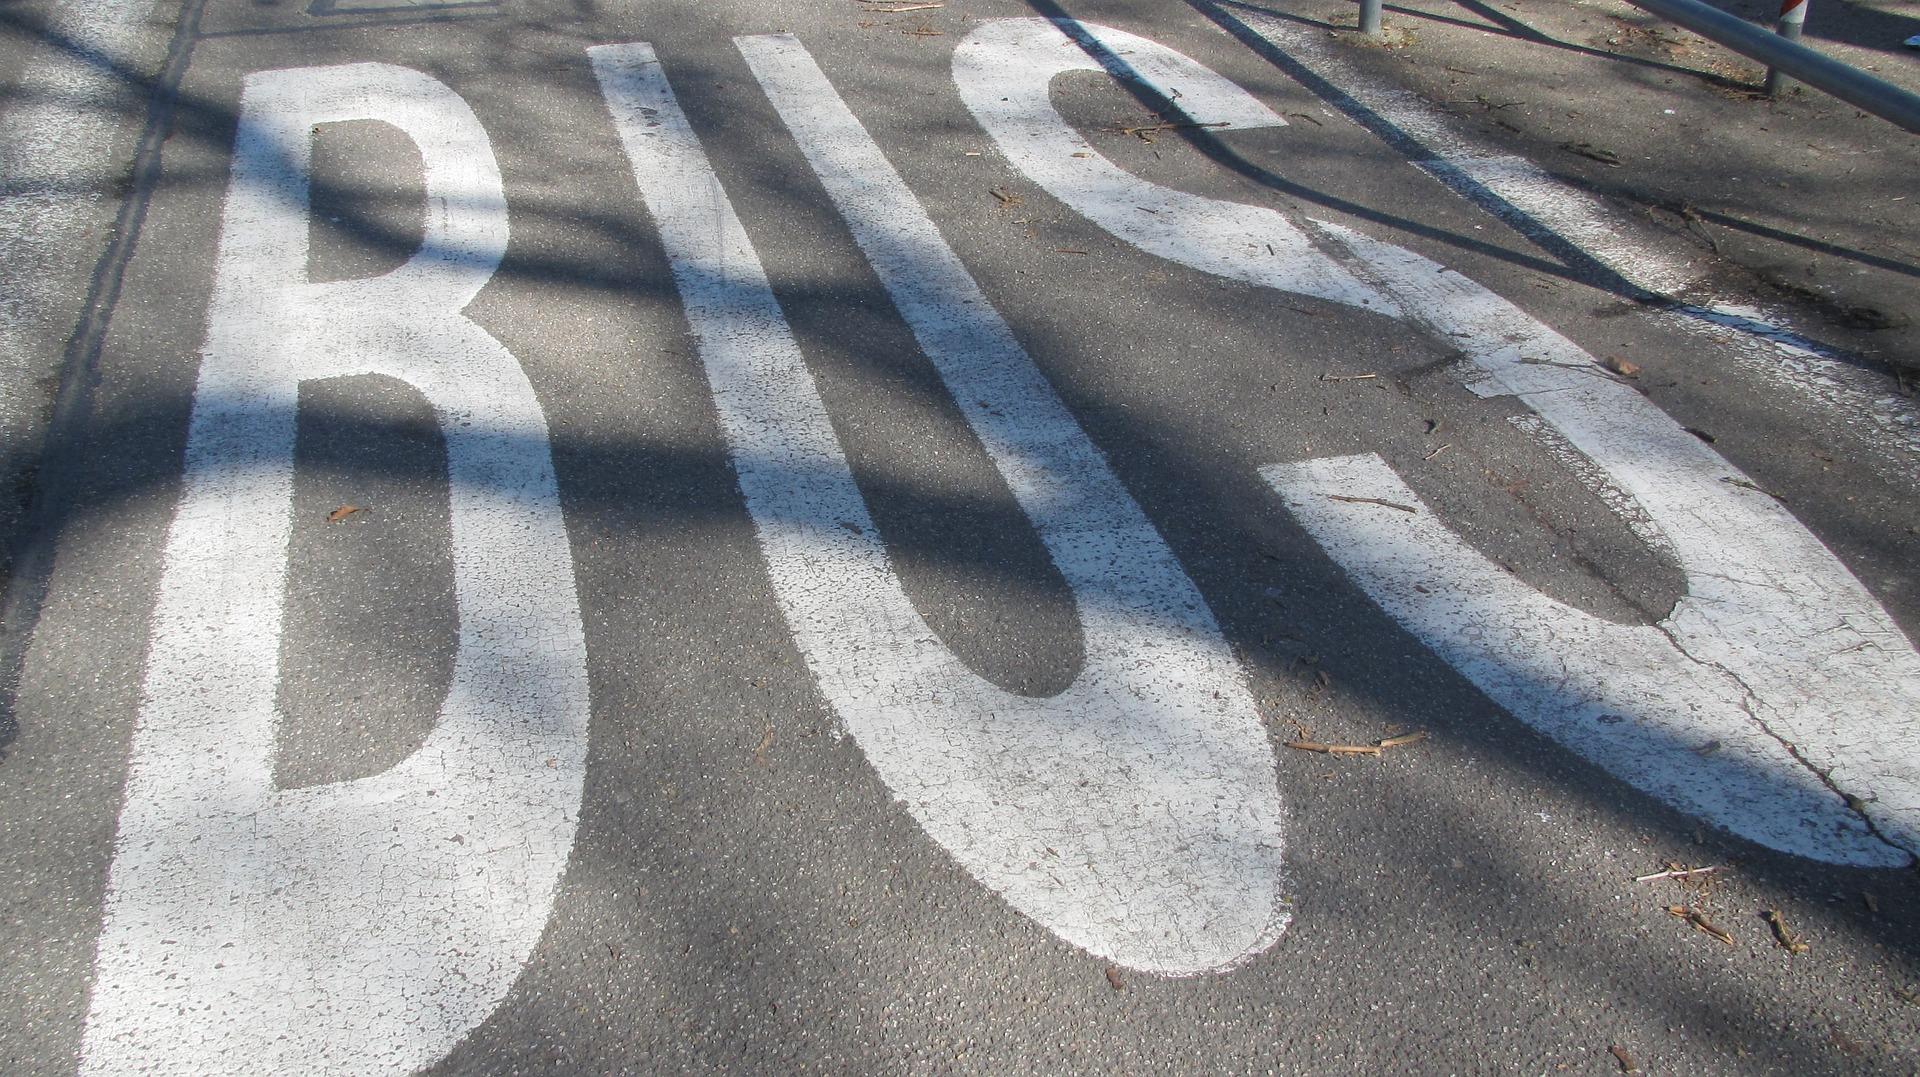 autobusova-zastavka-svandovo-divadlo-bude-docasne-premistena